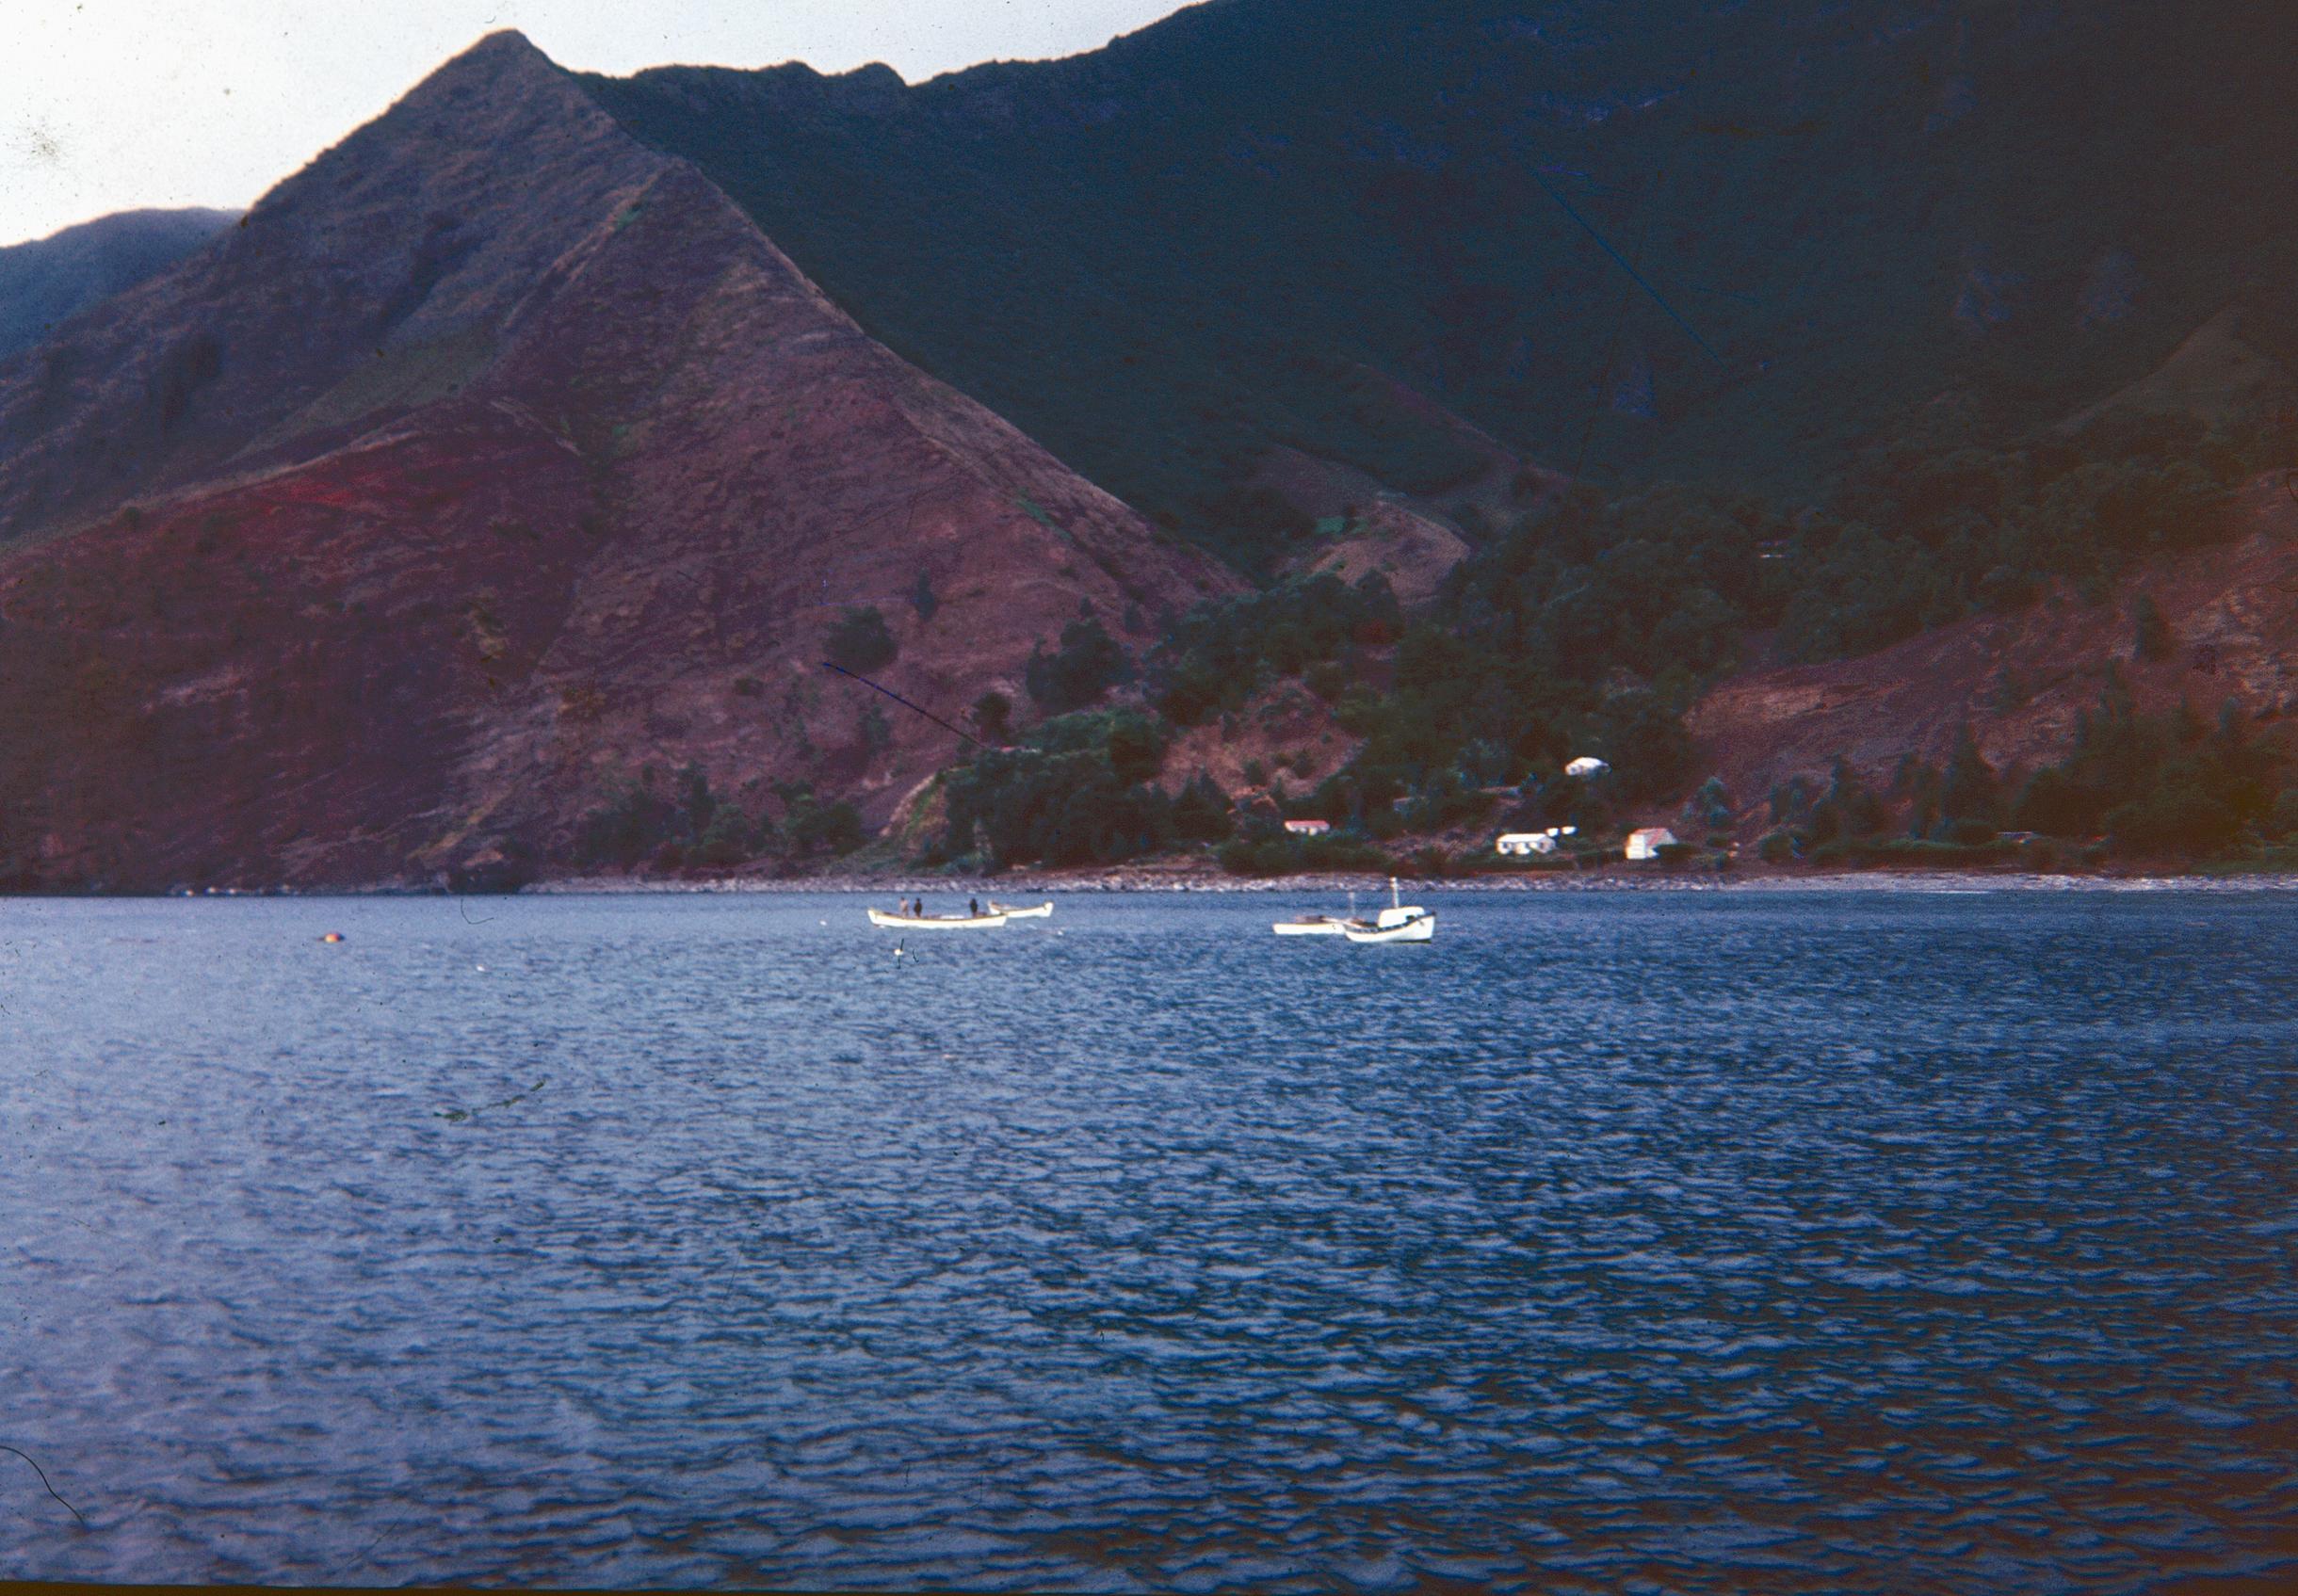 Enterreno - Fotos históricas de chile - fotos antiguas de Chile - Juan Fernández en el océano, Años 60